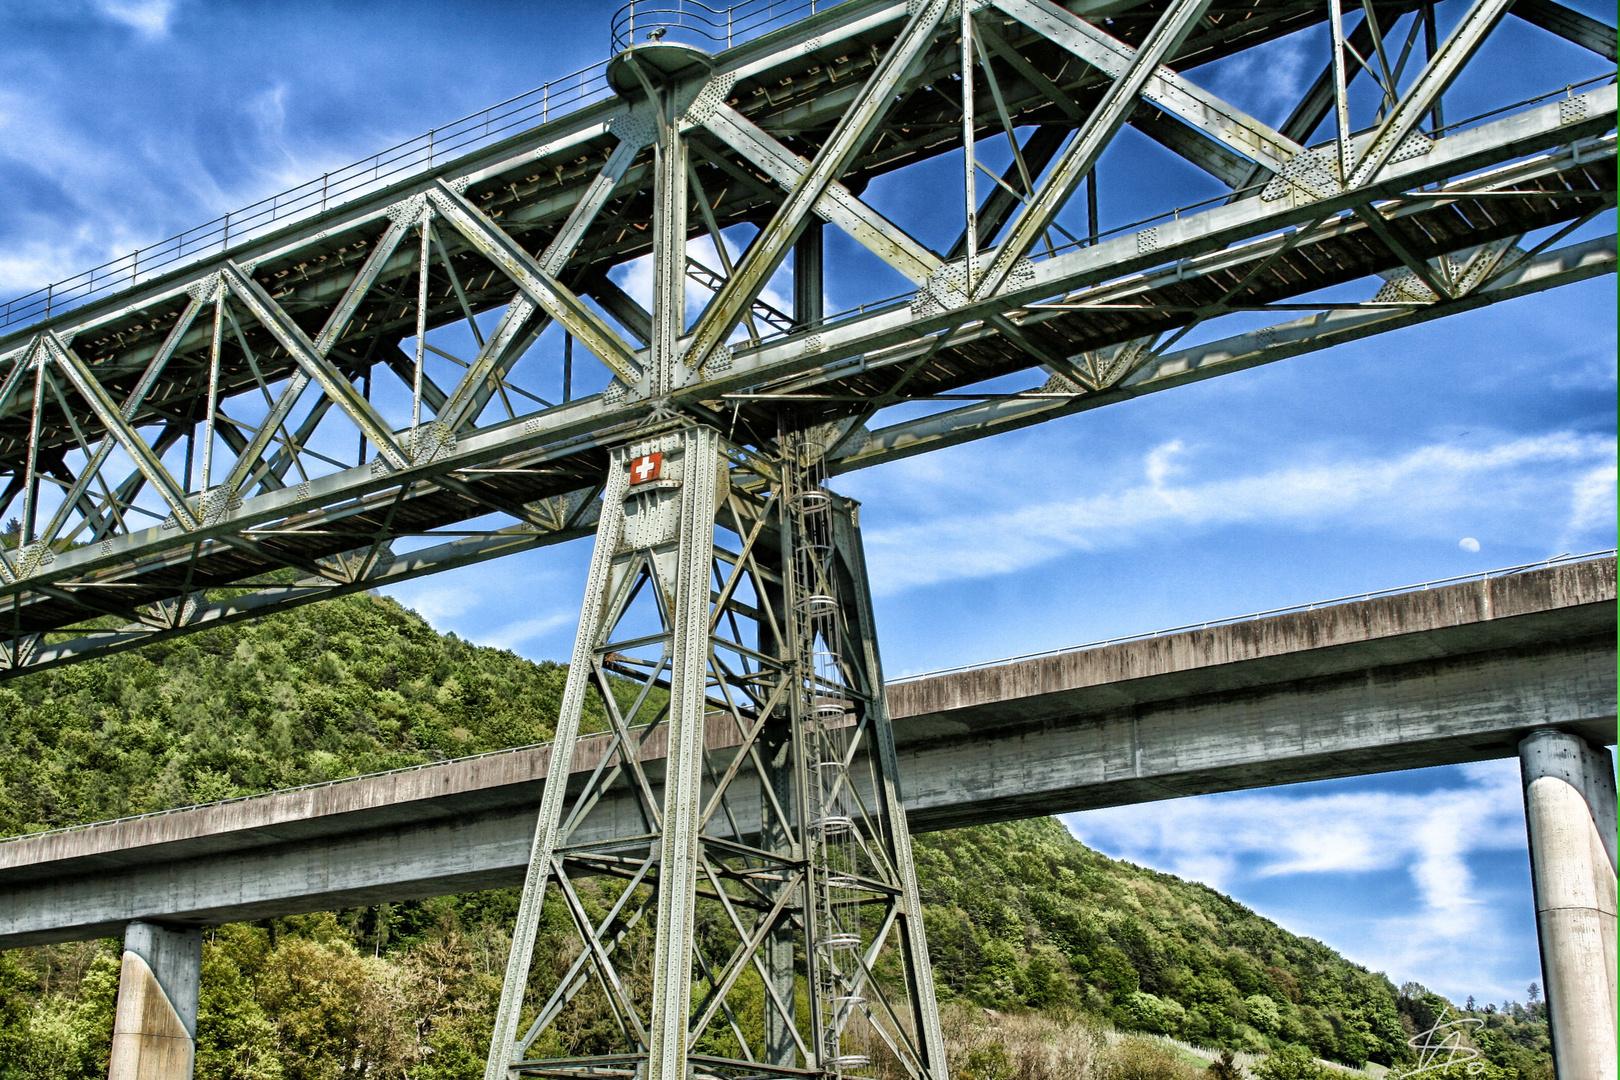 Die Brücken am River Rhein